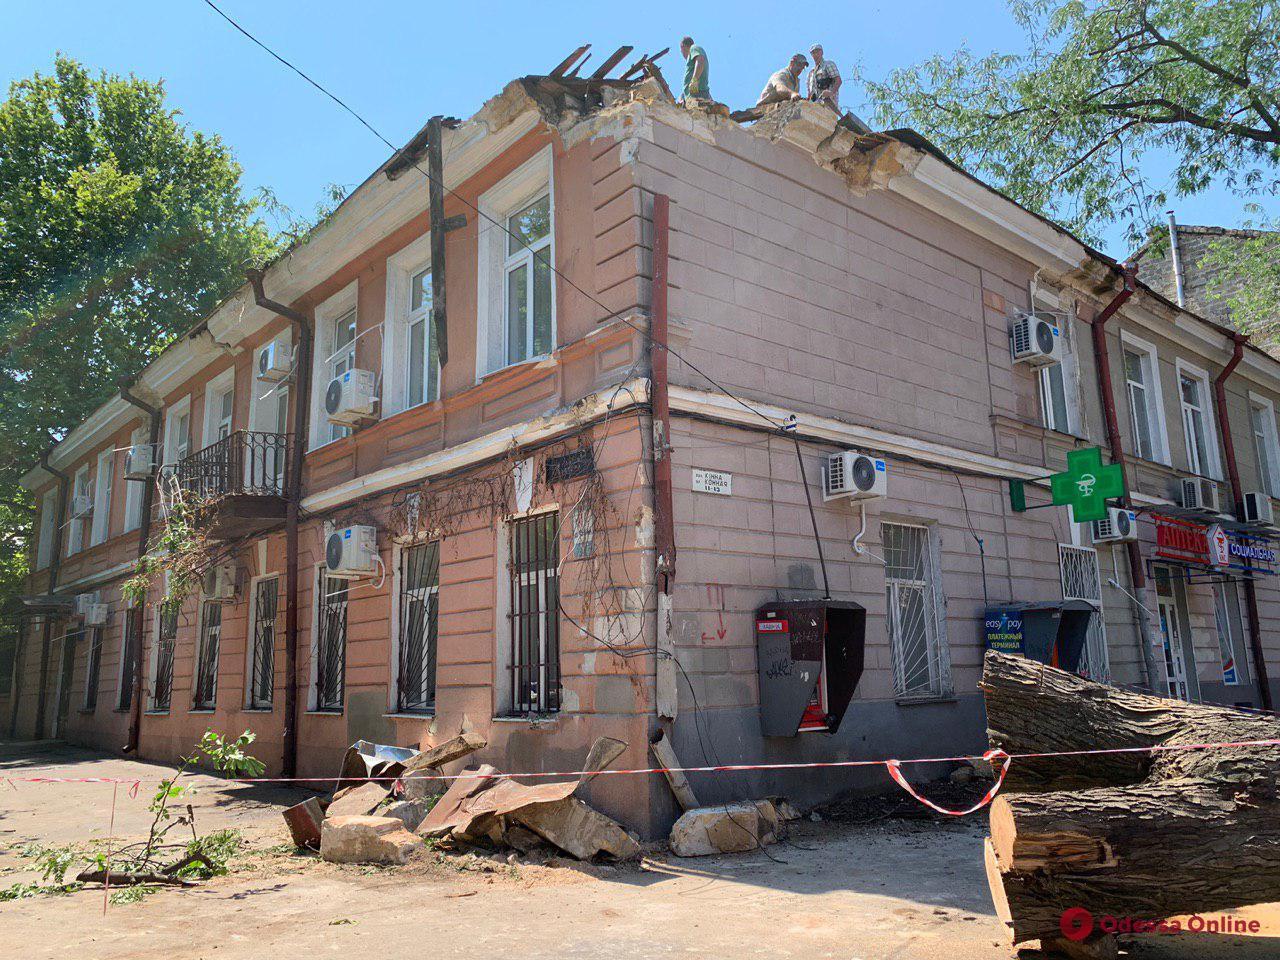 В центре Одессе ремонтируют поврежденный из-за непогоды дом (фото, видео)